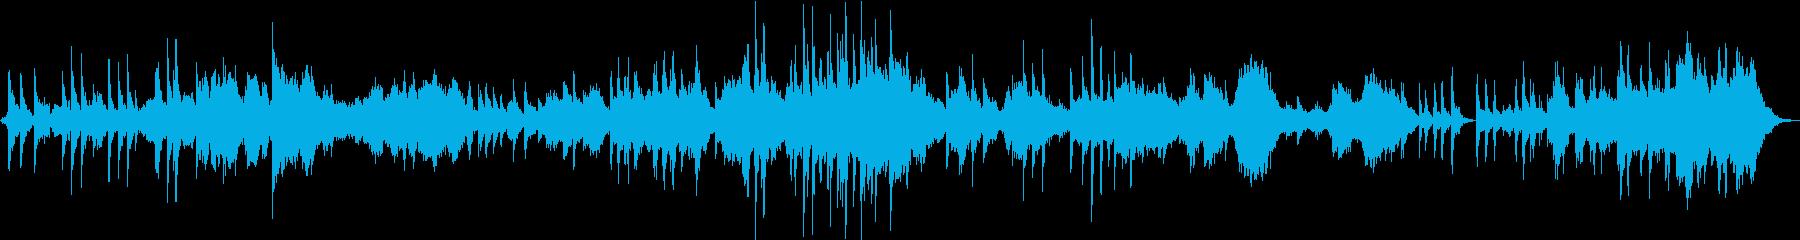 ピアノ、シンセ中心の癒し系アンビエントの再生済みの波形